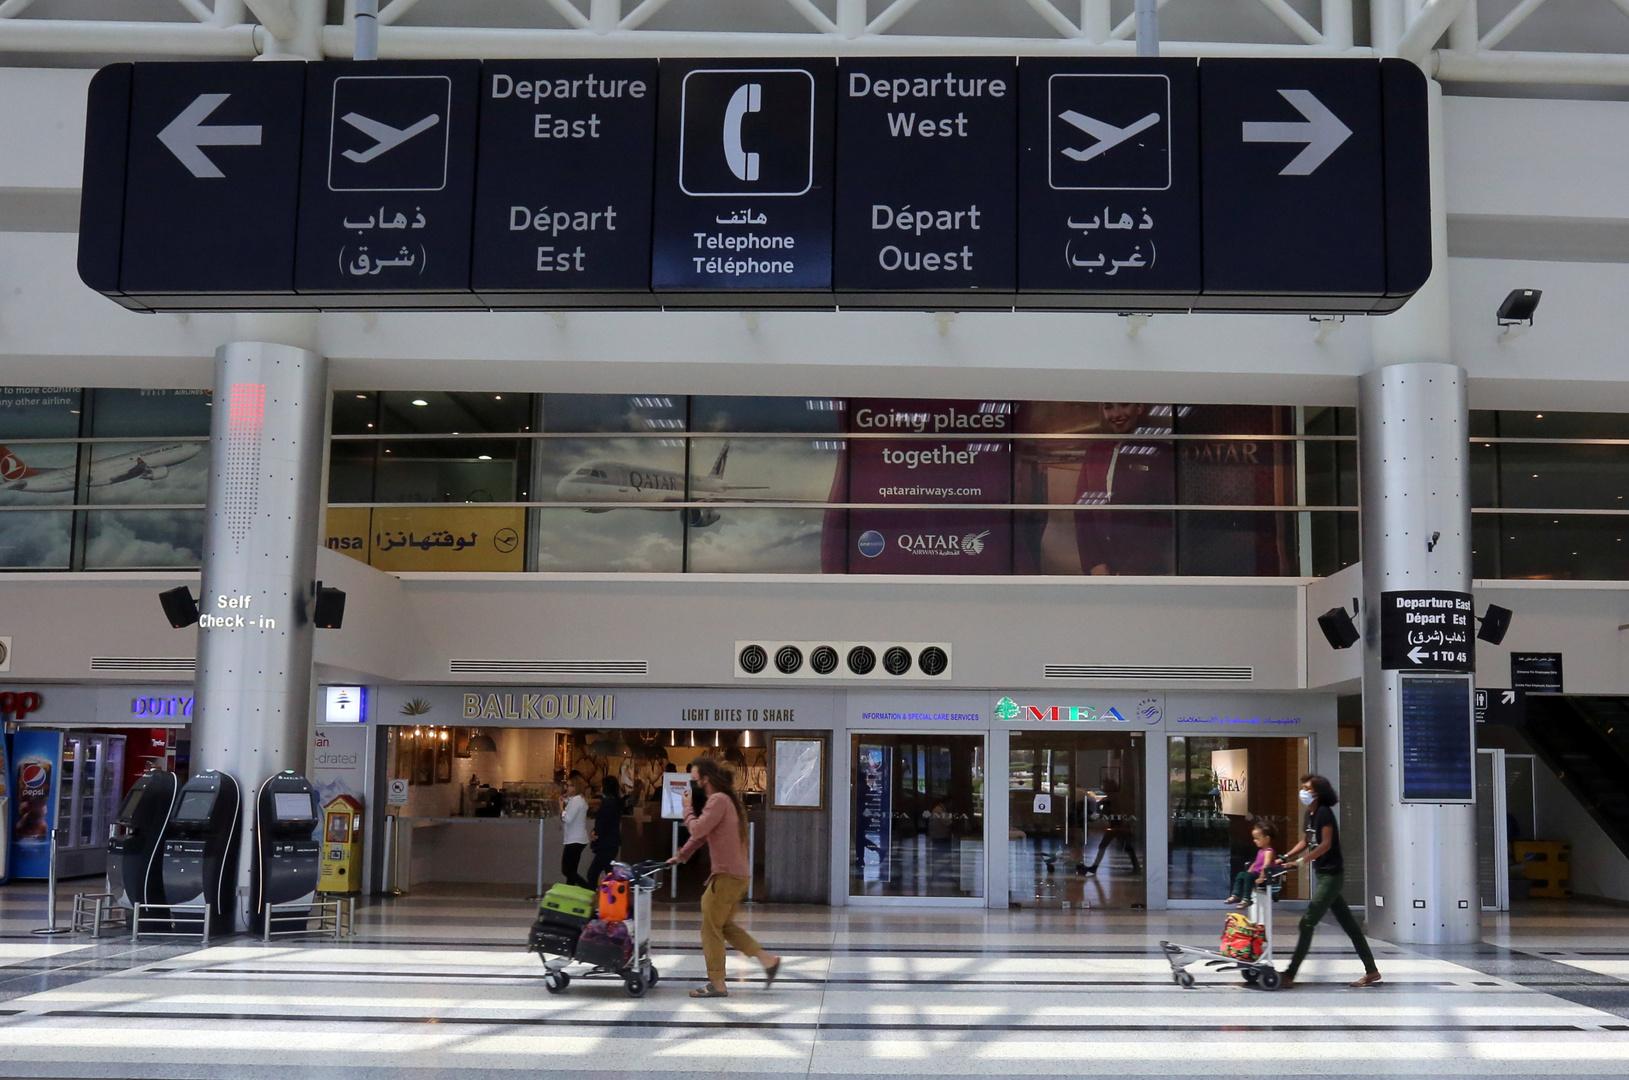 مطار رفيق الحريري الدولي، بيروت